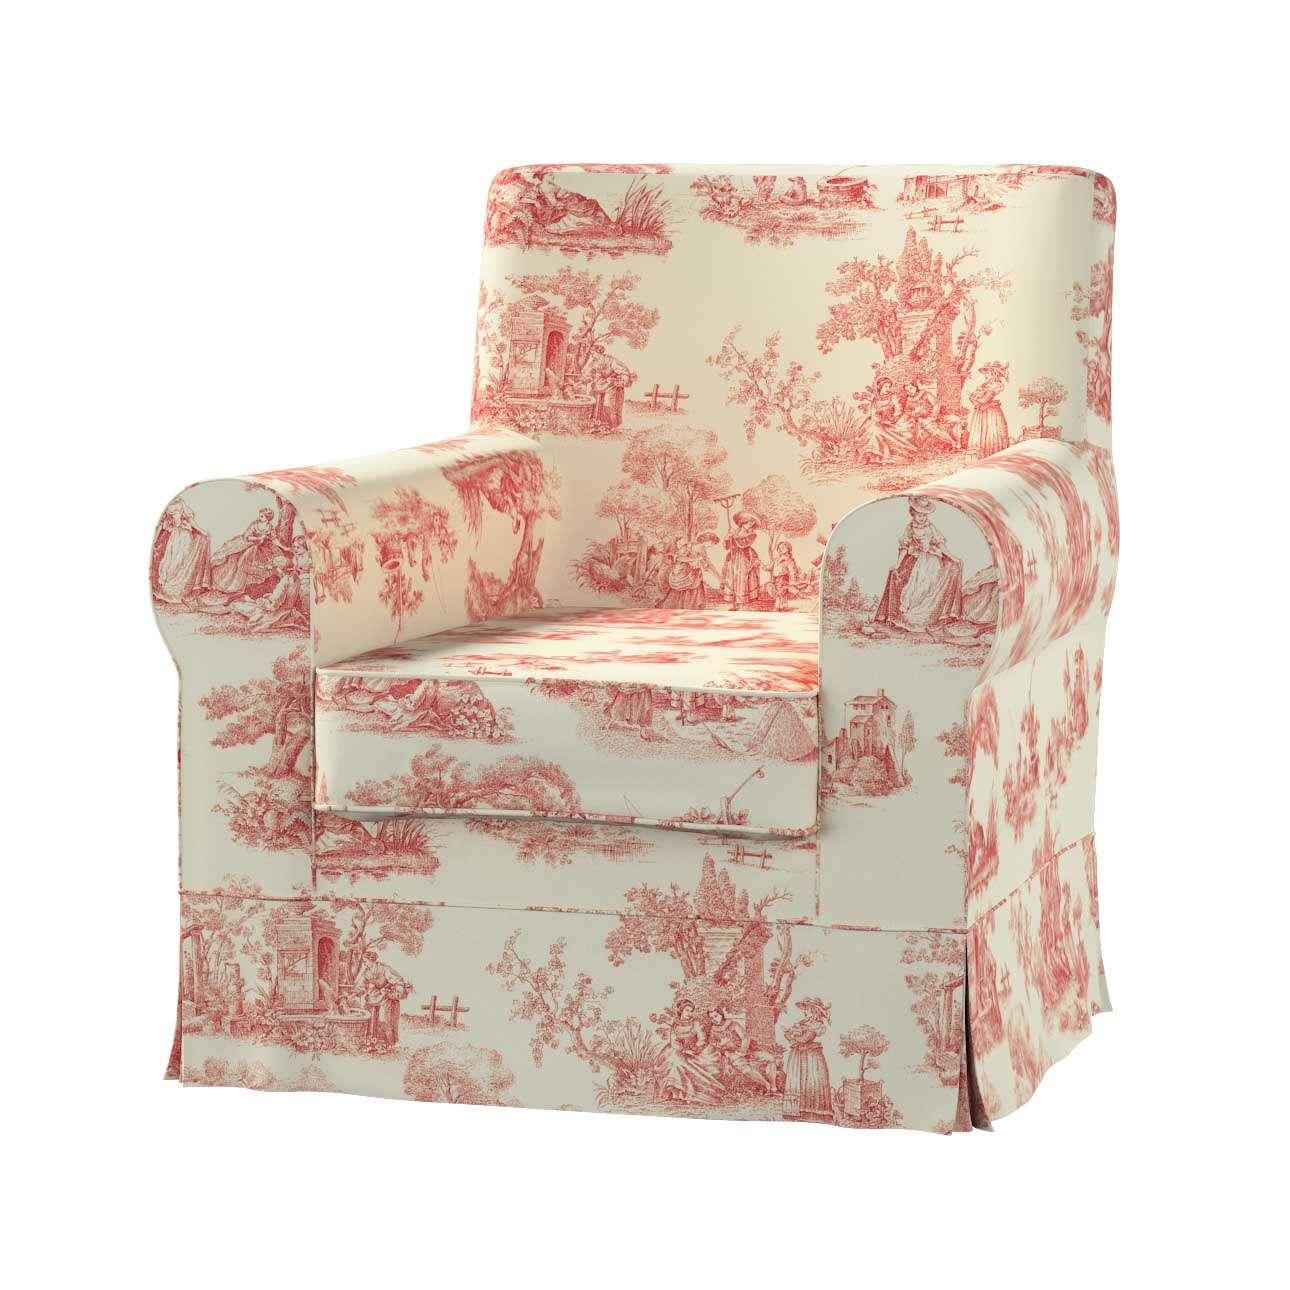 EKTORP JENNYLUND fotelio užvalkalas Ektorp Jennylund fotelio užvalkalas kolekcijoje Avinon, audinys: 132-15